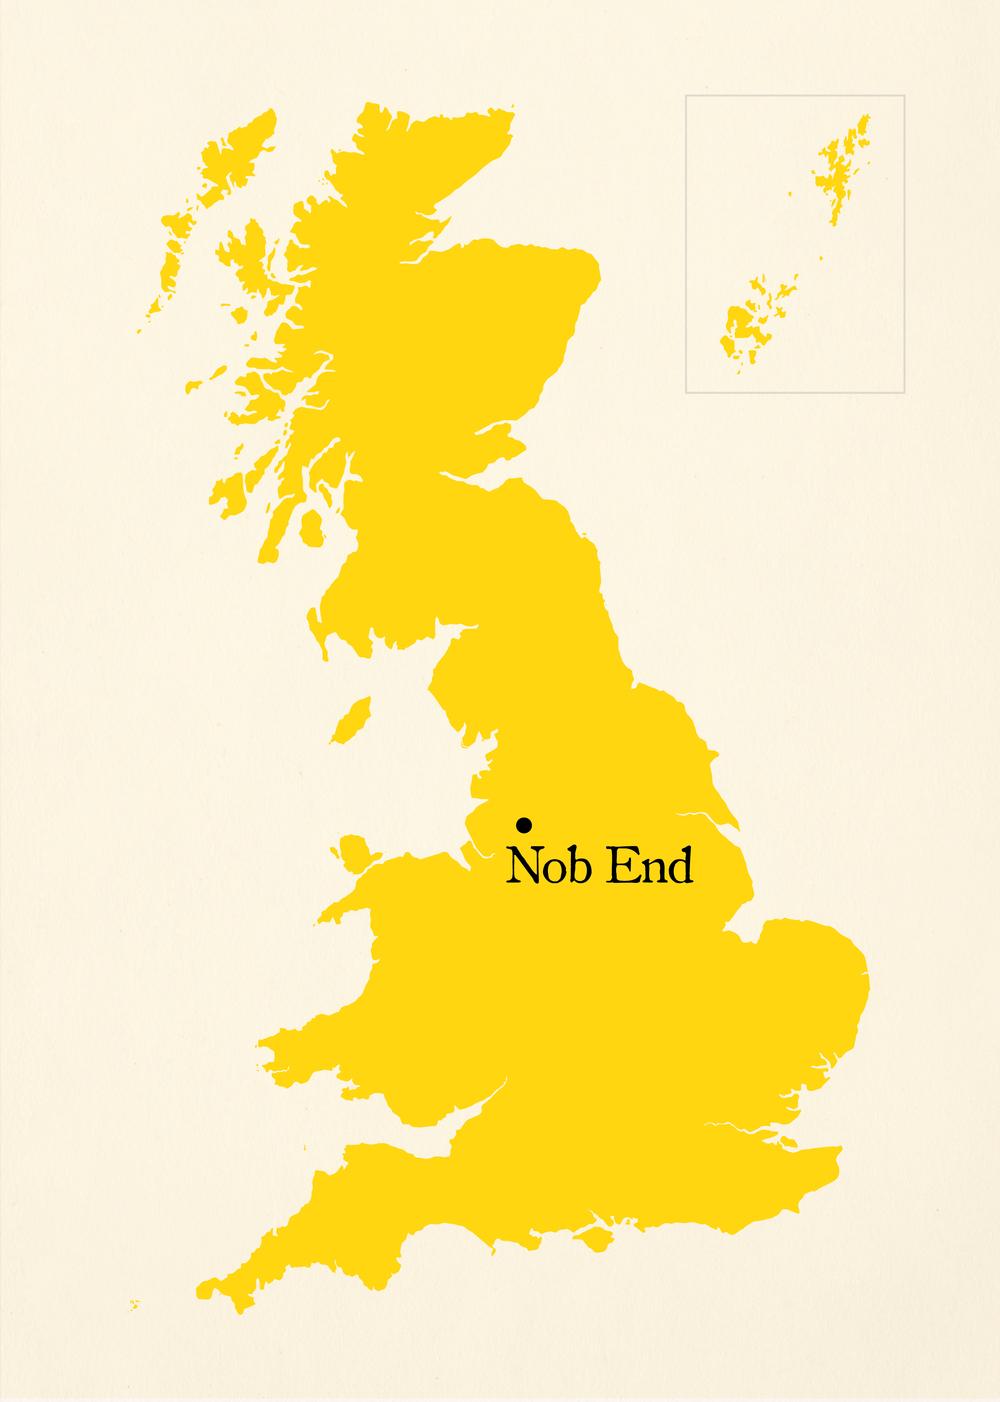 Nob End